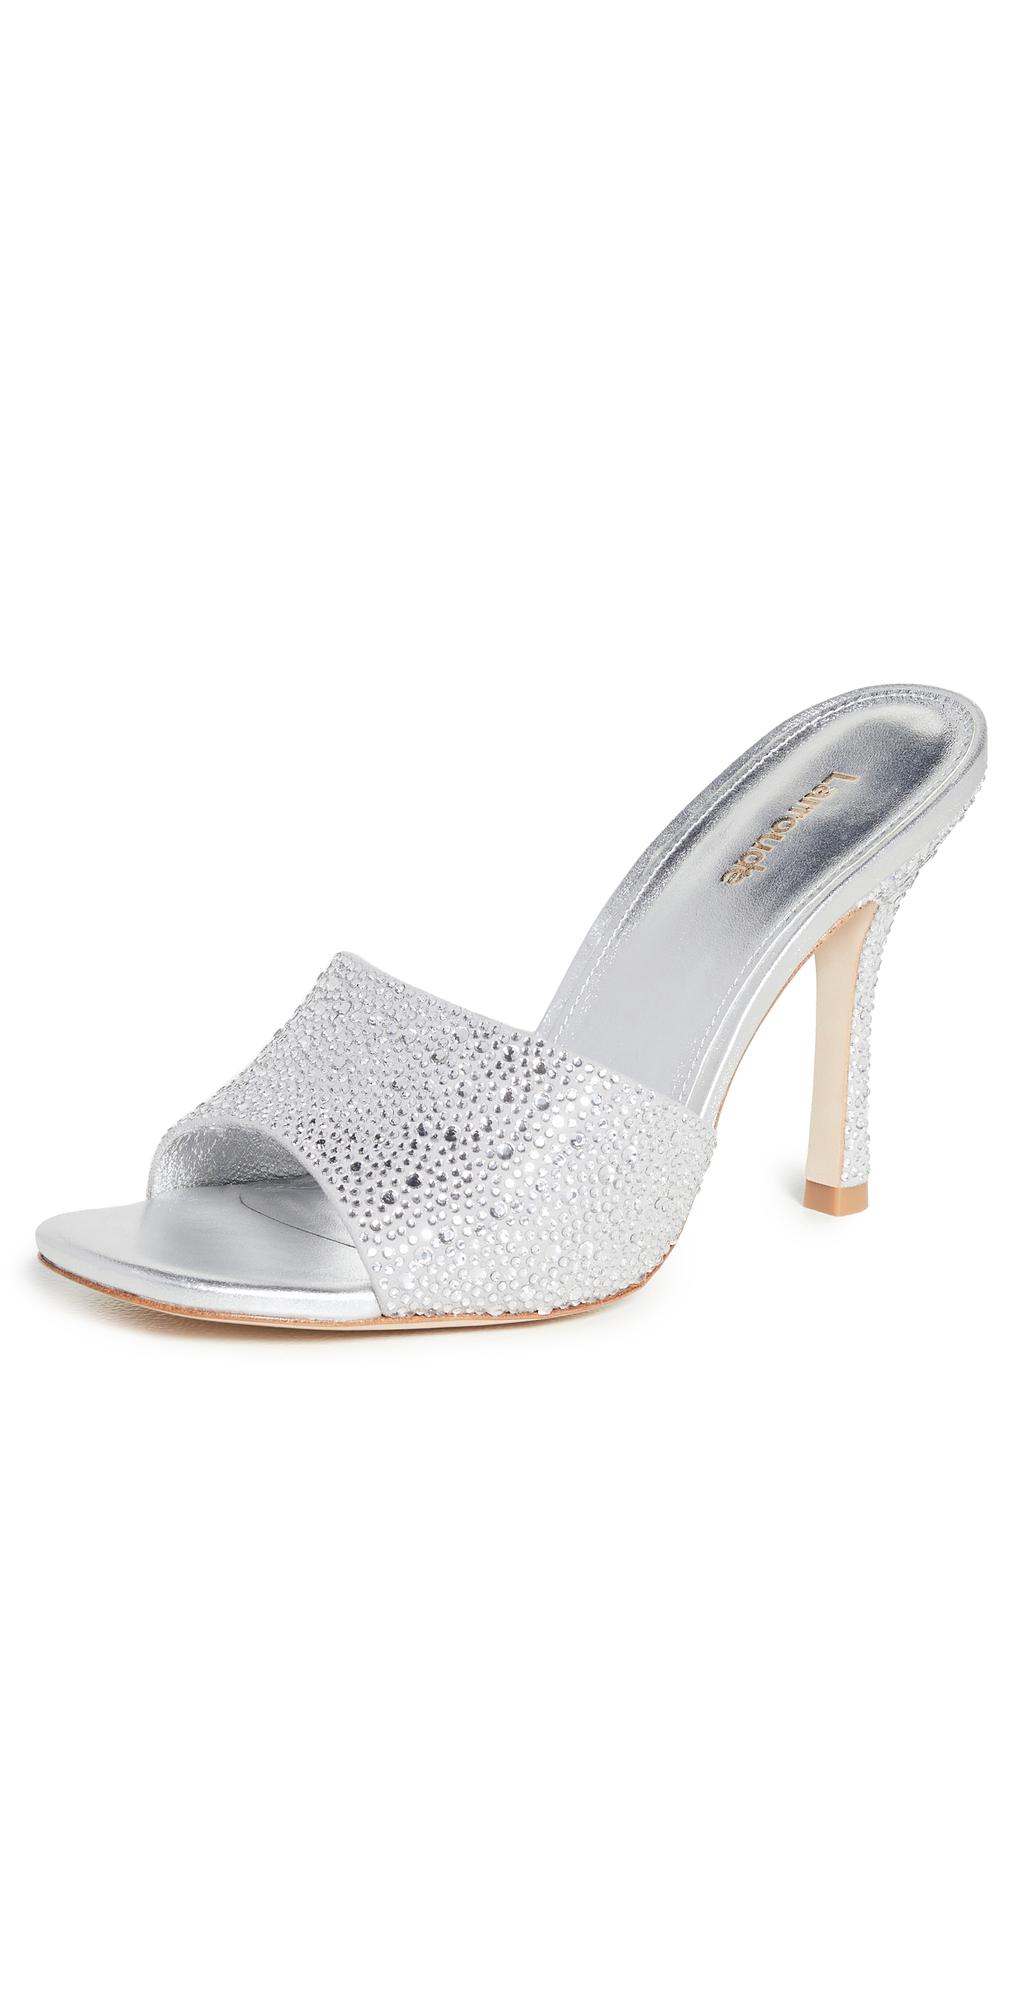 Colette Crystal Sandals